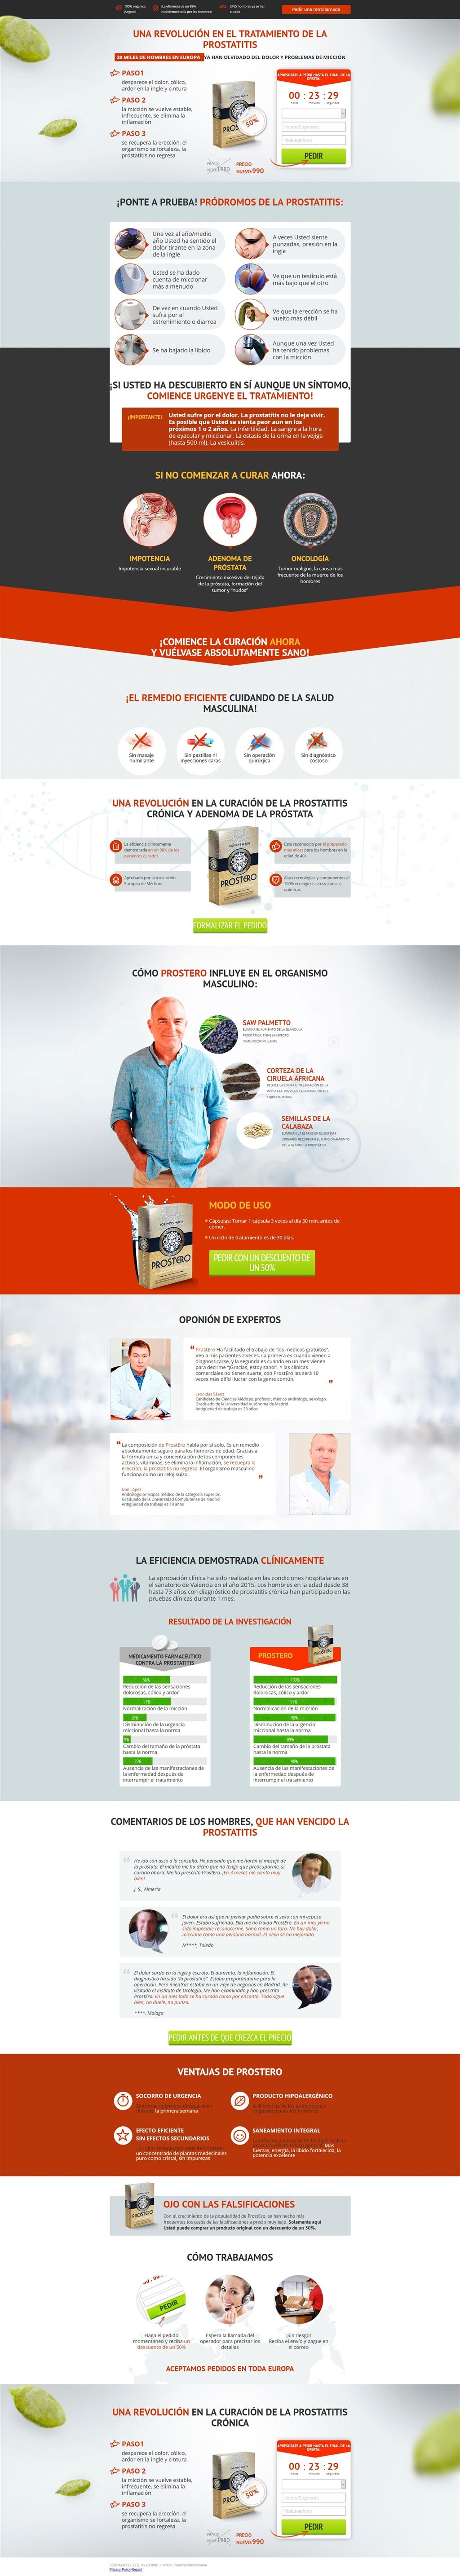 prostataentzündung behandlung